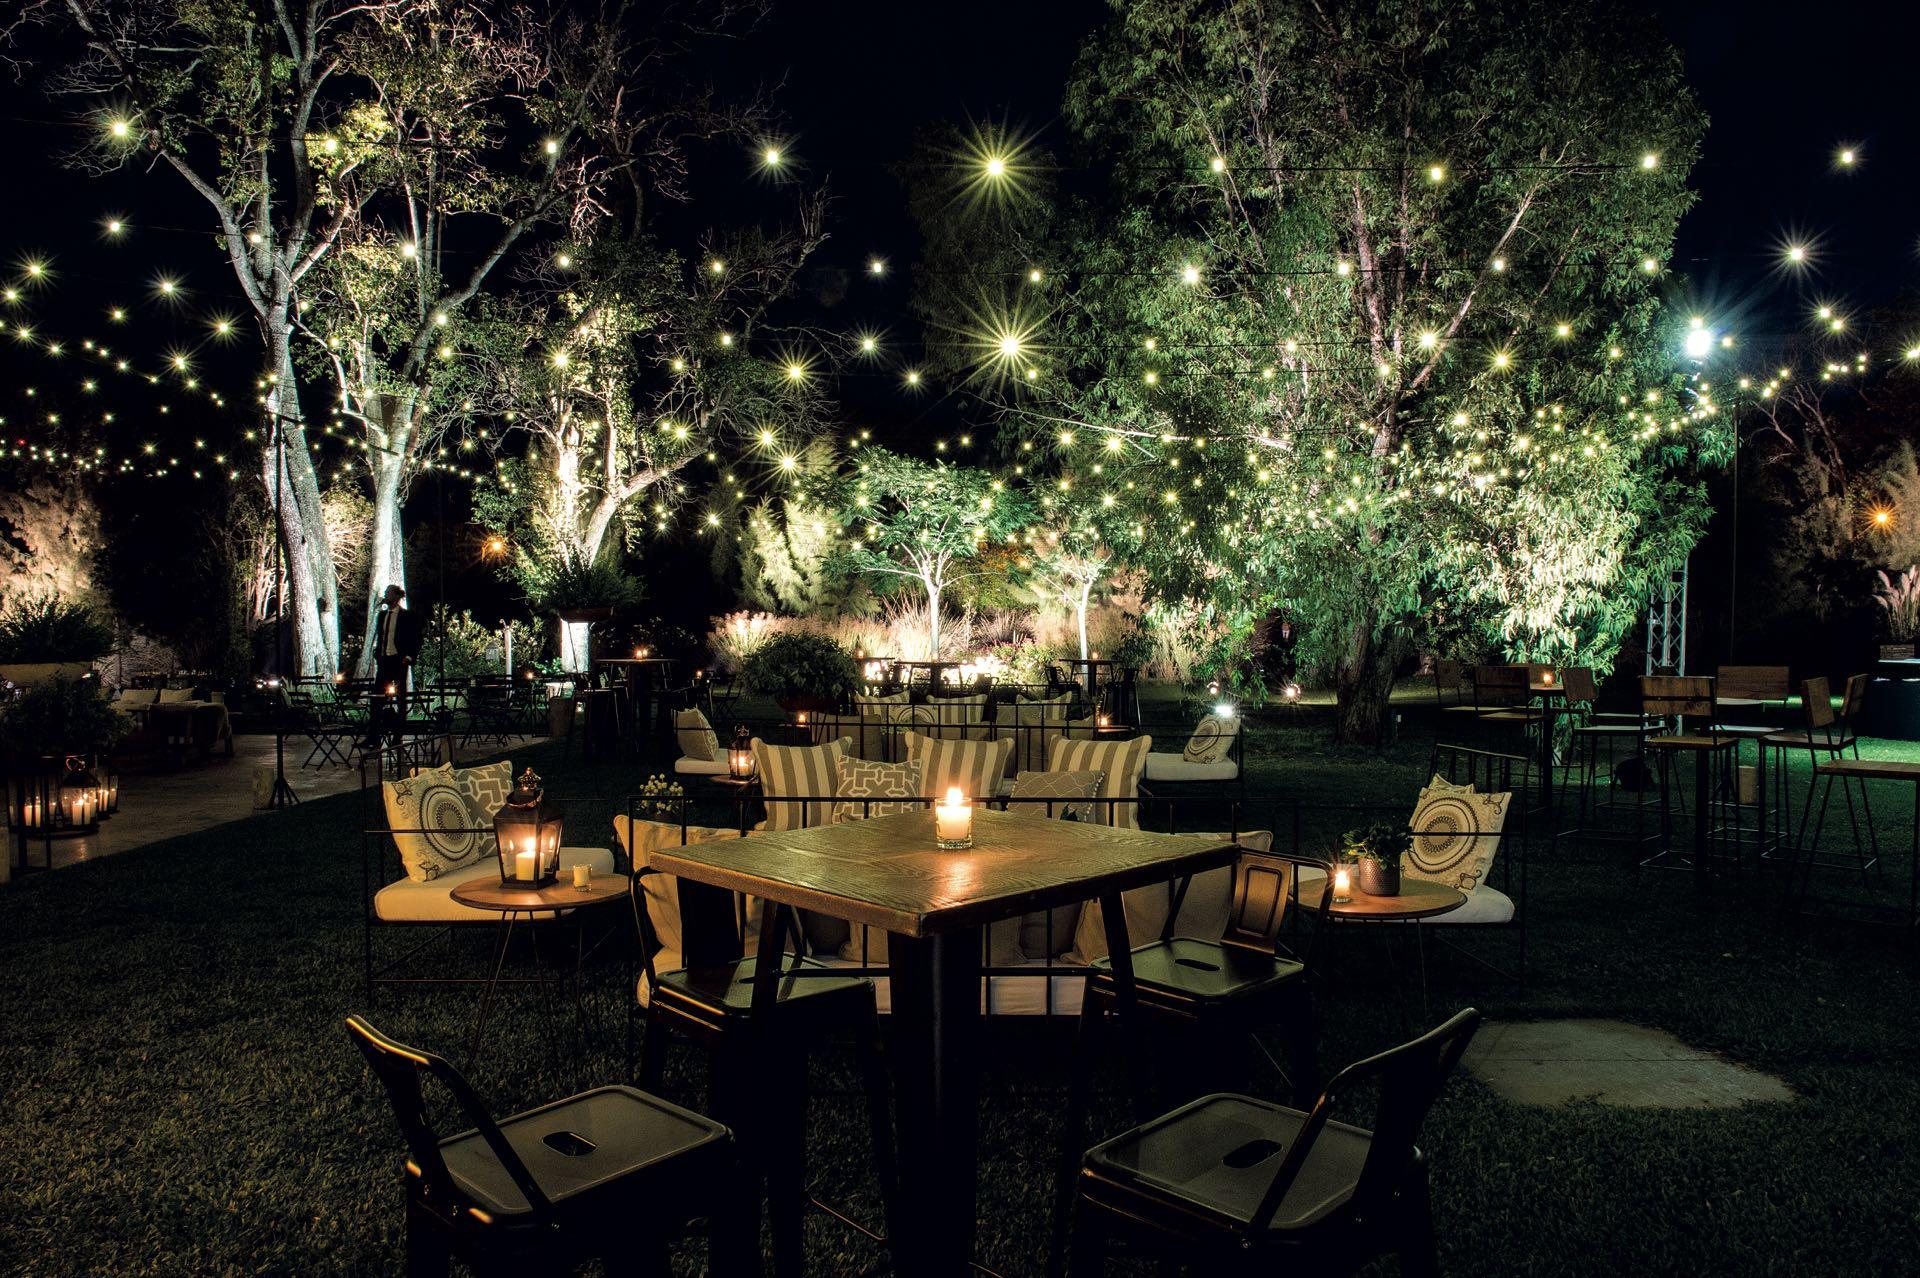 En el jardín, donde se realizó la recepción, se colocaron más de dos mil luces led, livings de madera y hierro, camastros, sillones y pufs.